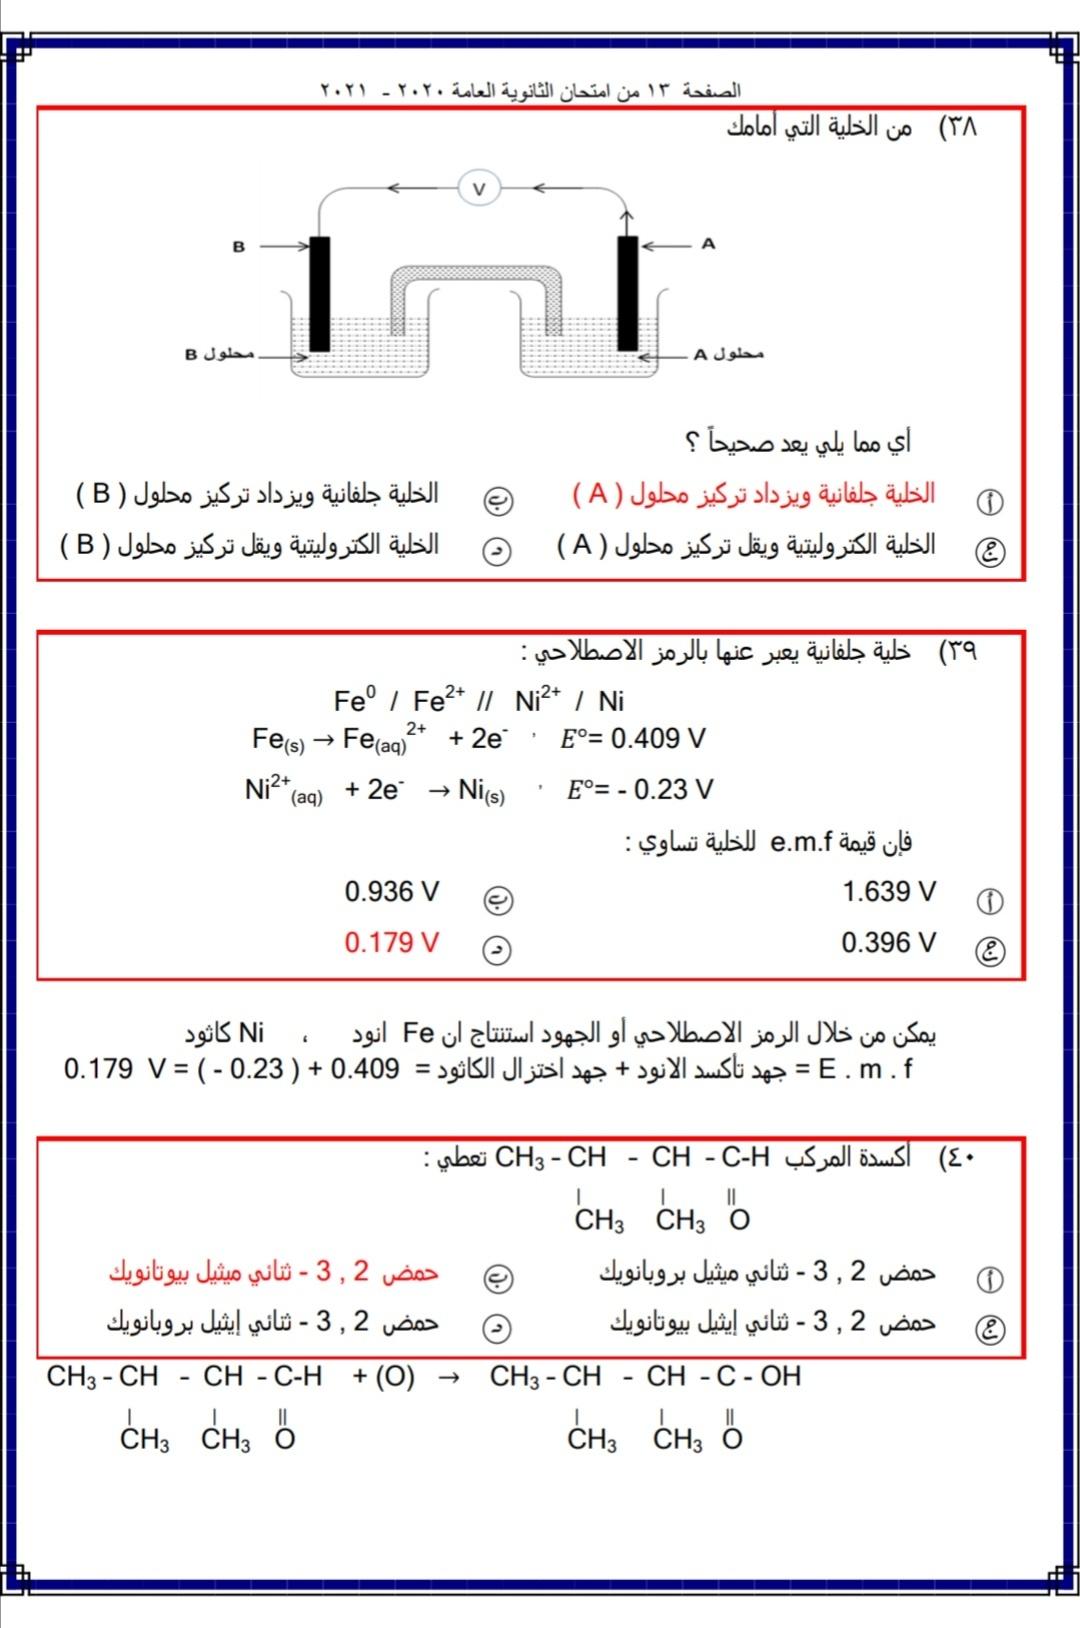 نموذج اجابة امتحان الكيمياء للثانوية العامة 2021 13